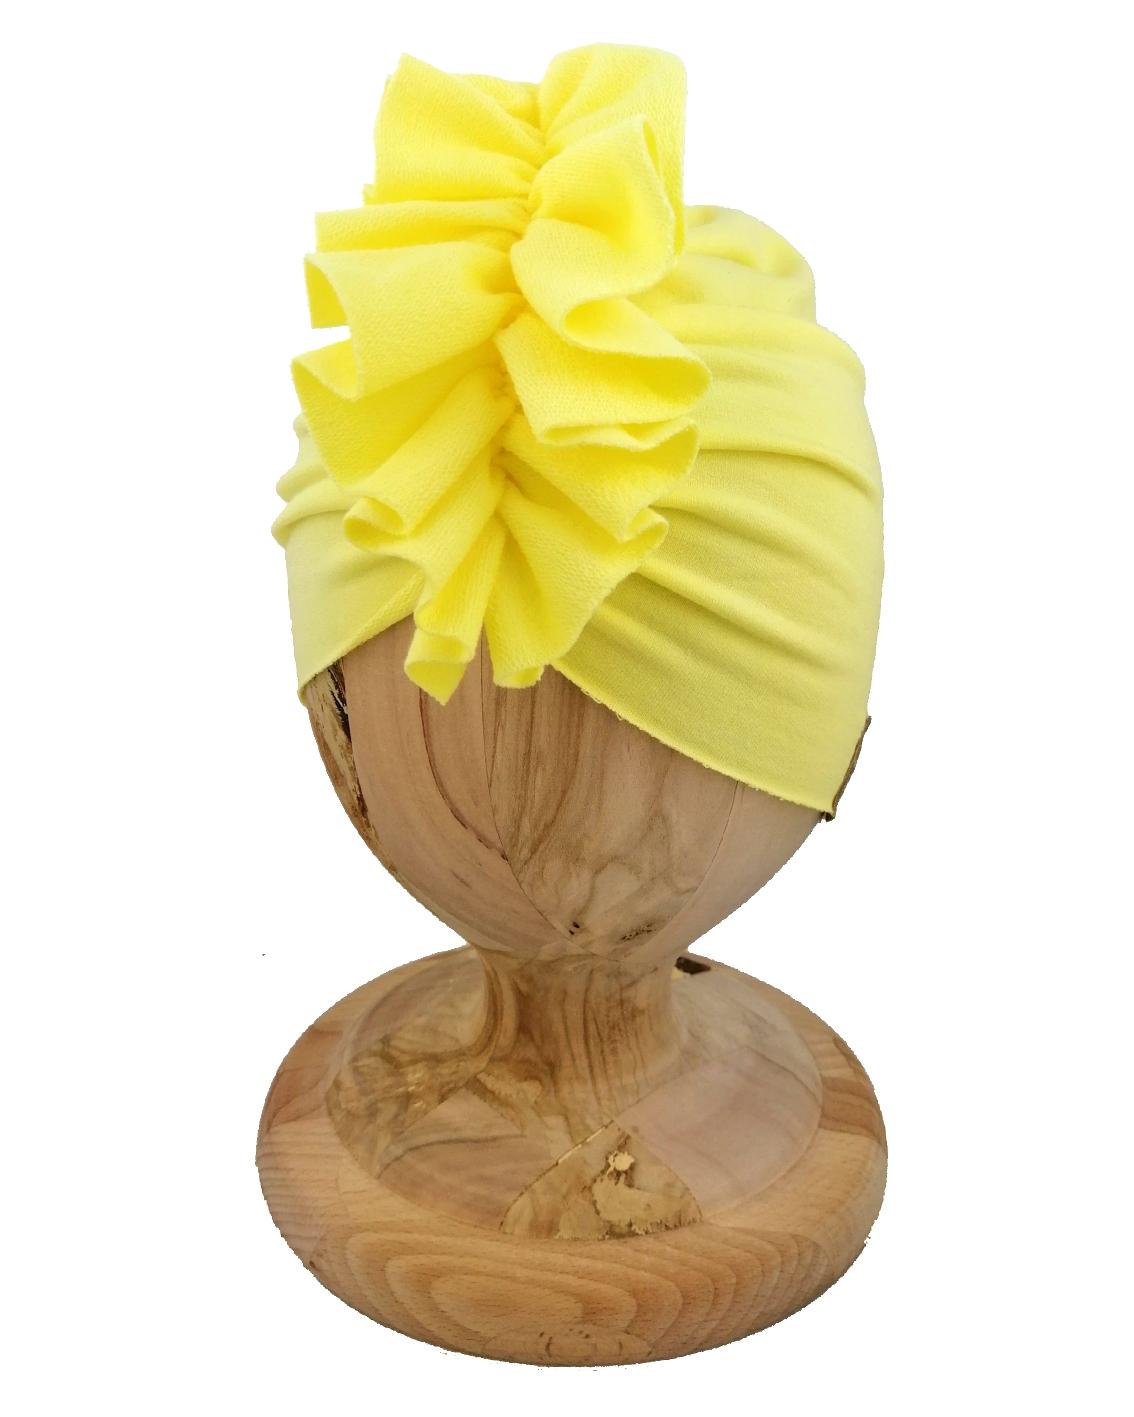 Czapka turban dziecięca marki Gracja styl. Kolor zółty kanarkowy. Produkt polski wykonany z bawełny pętelkowej typu dresówka.